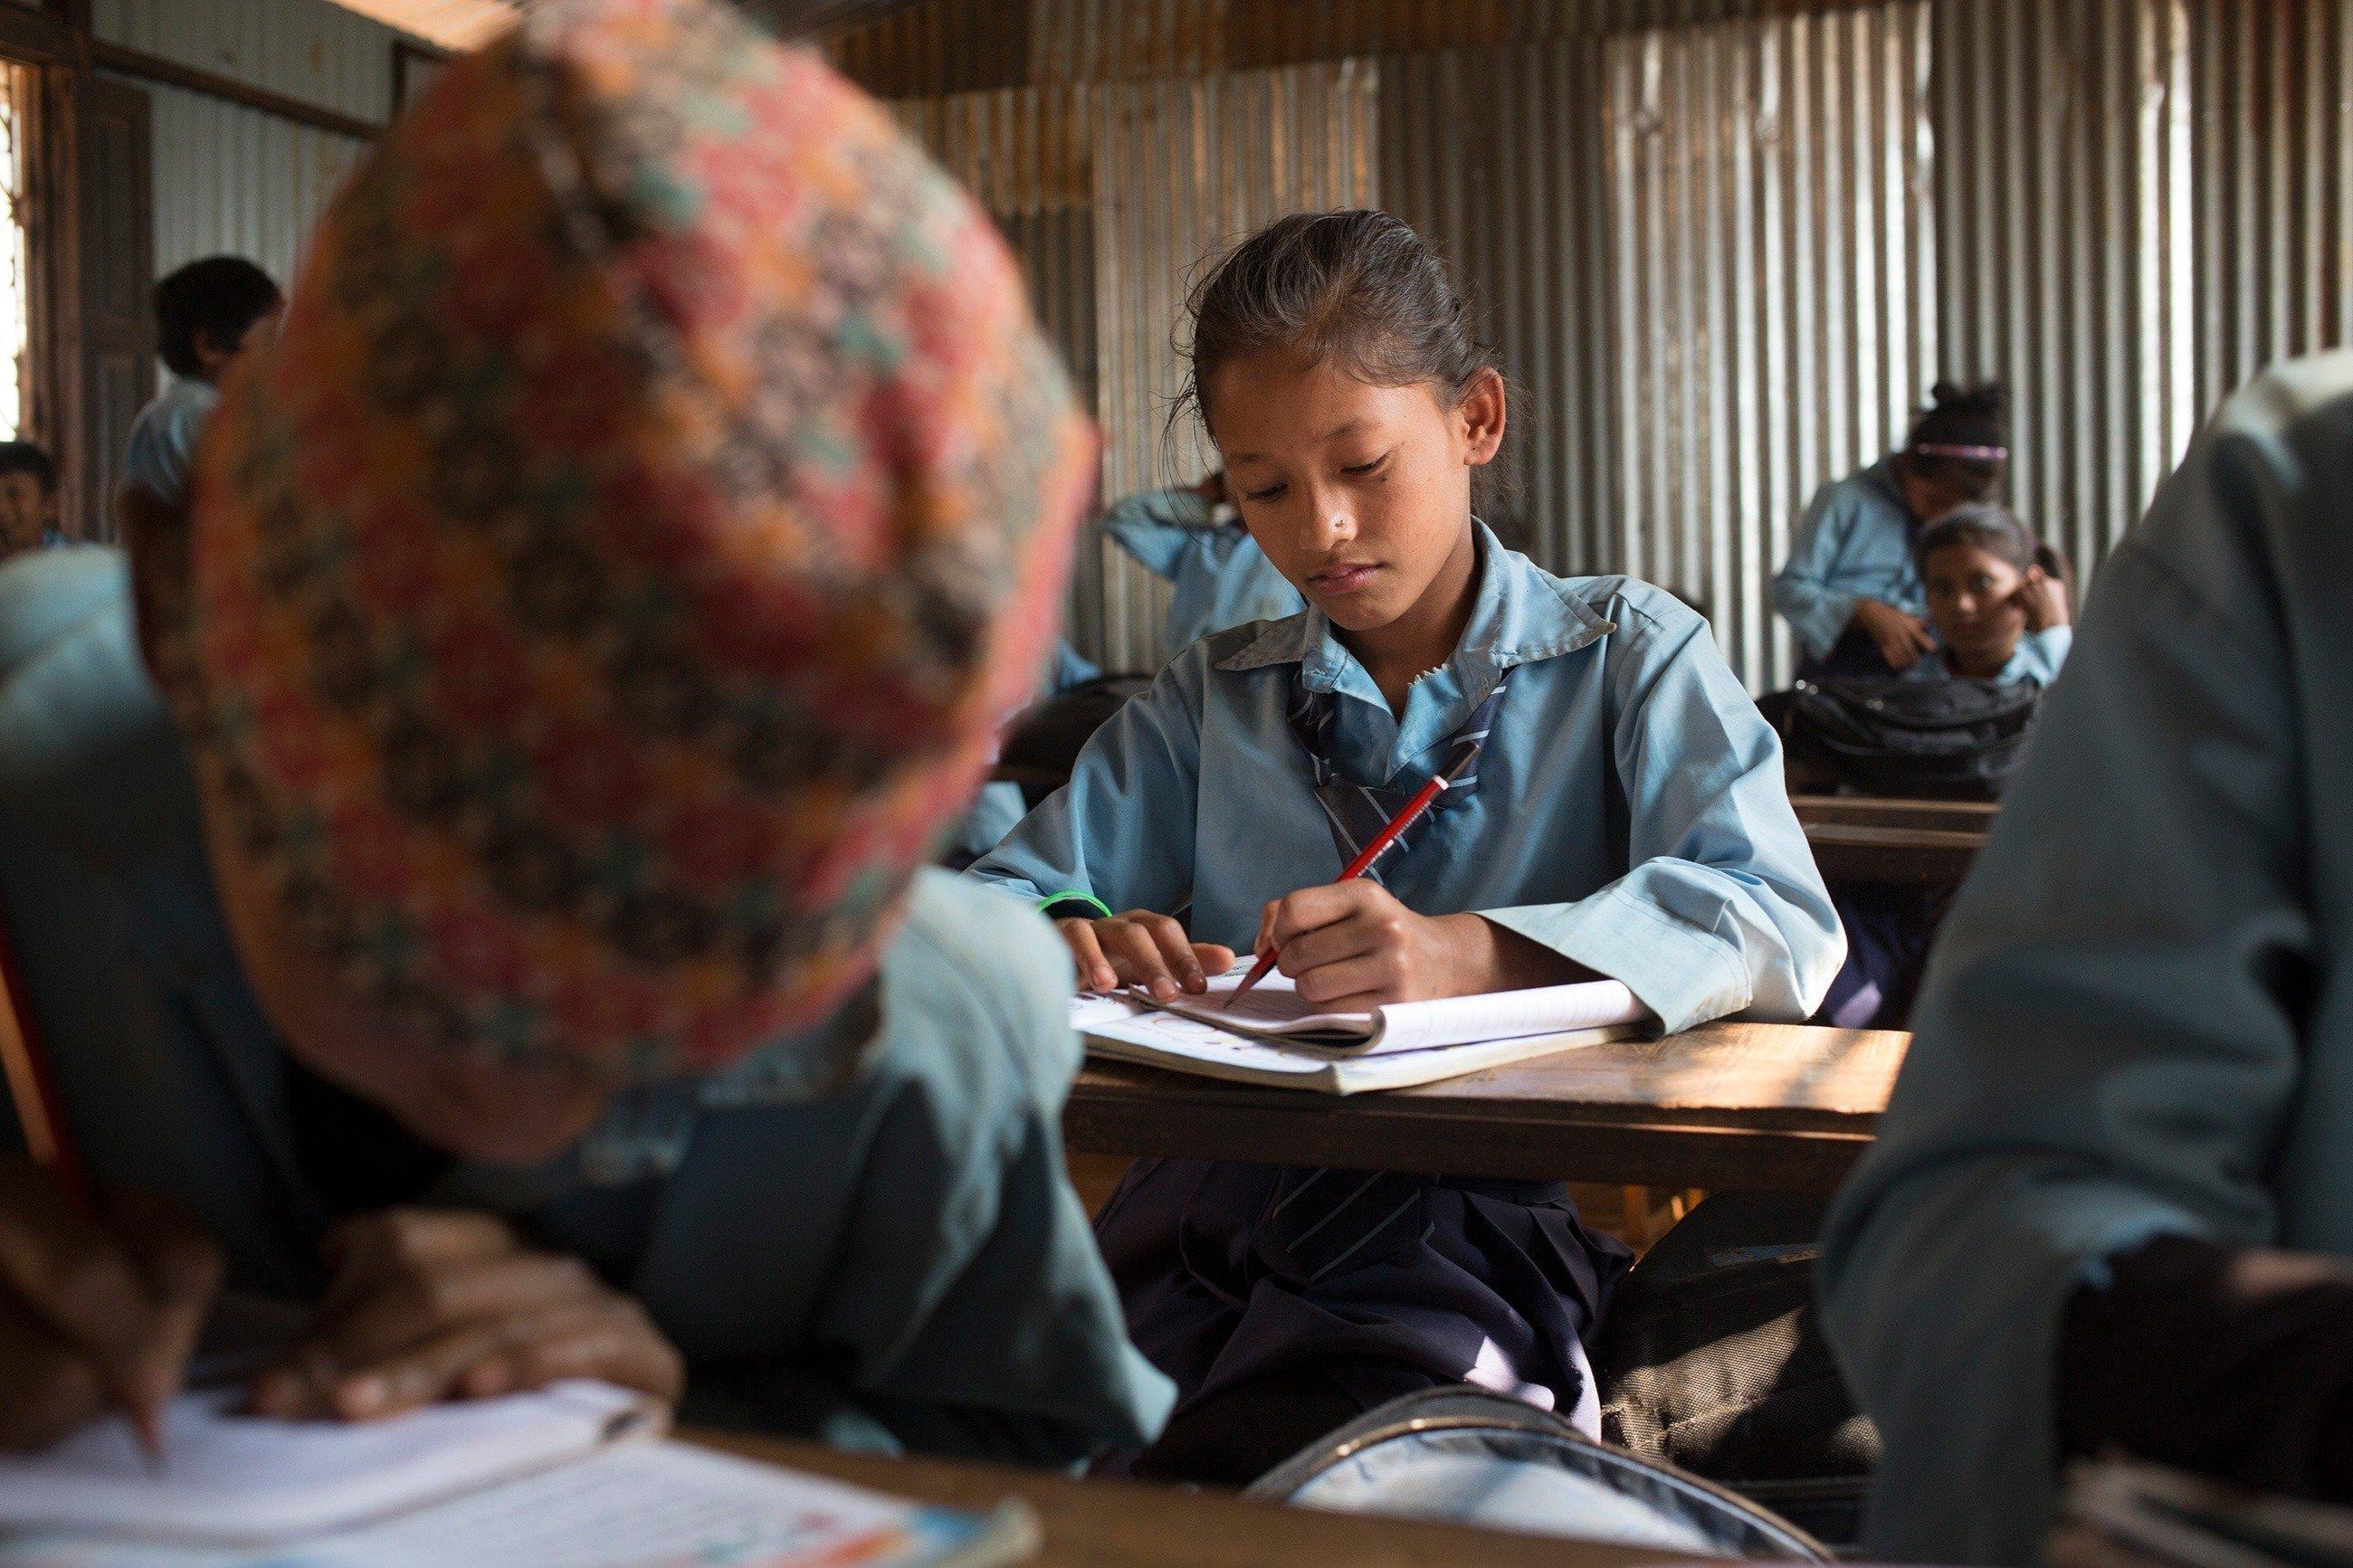 Mädchen aus Nepal sitzt in der Schule und schreibt in ihr Heft.